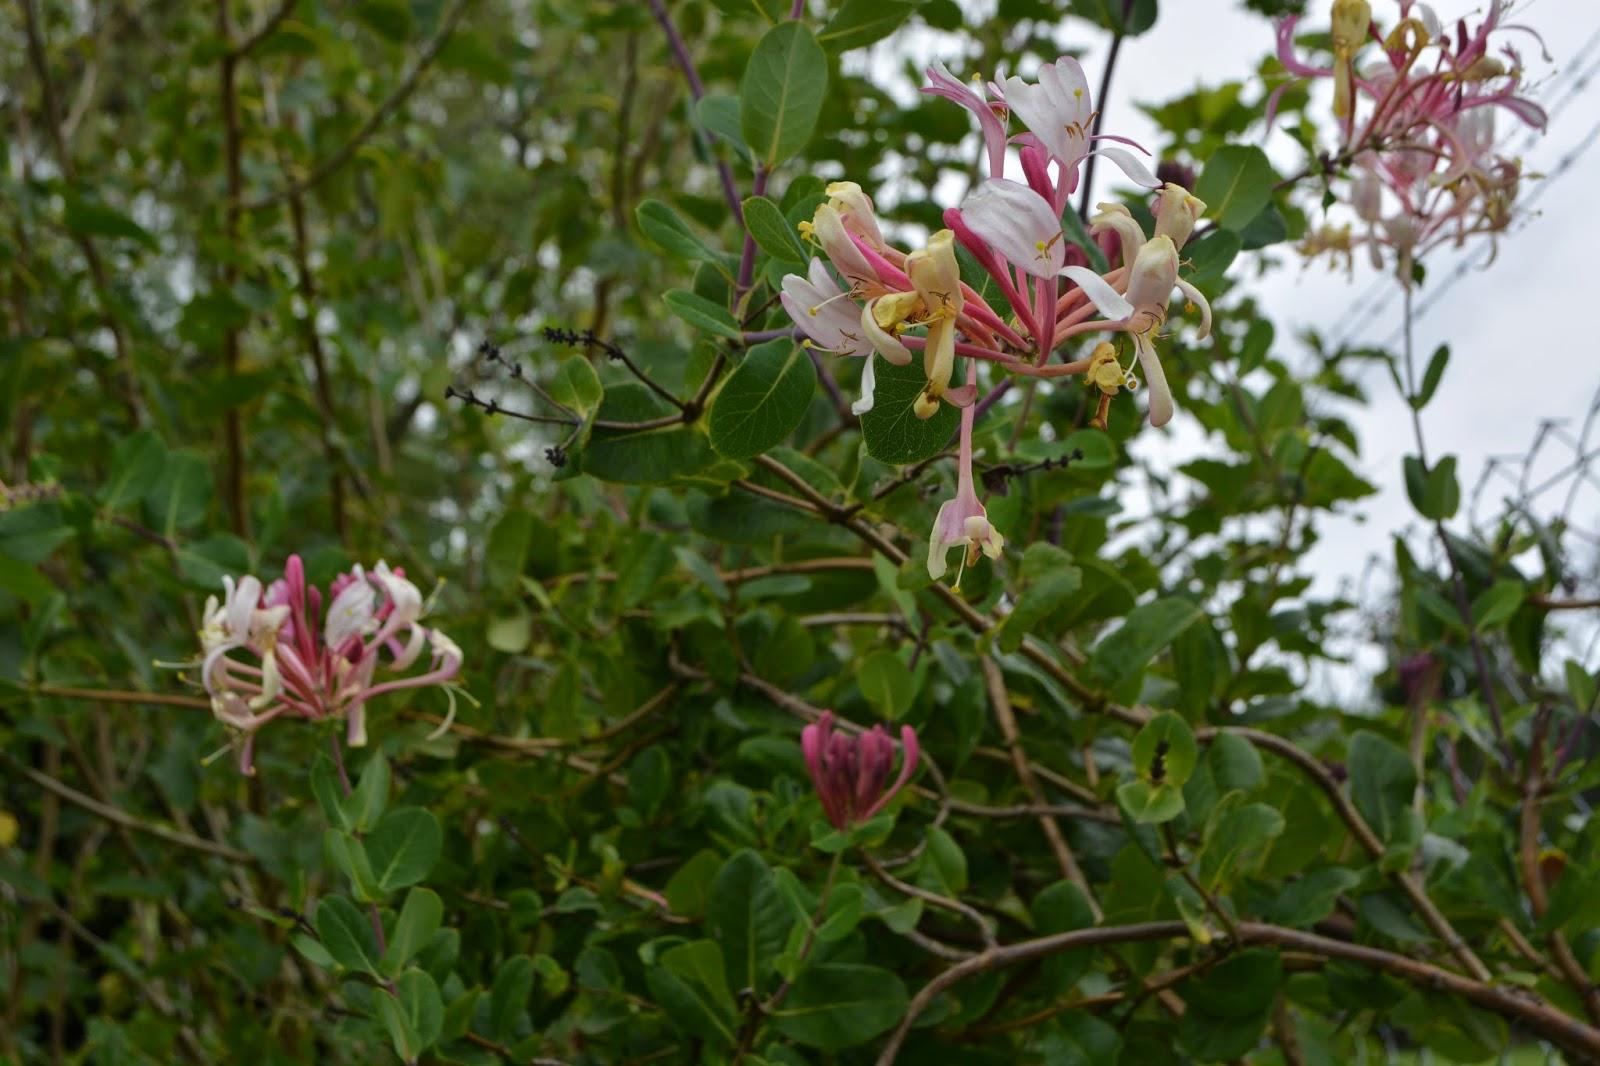 Madreselva silvestre, Lonicera con flores blancas y rosas. Enredadera perfumada.